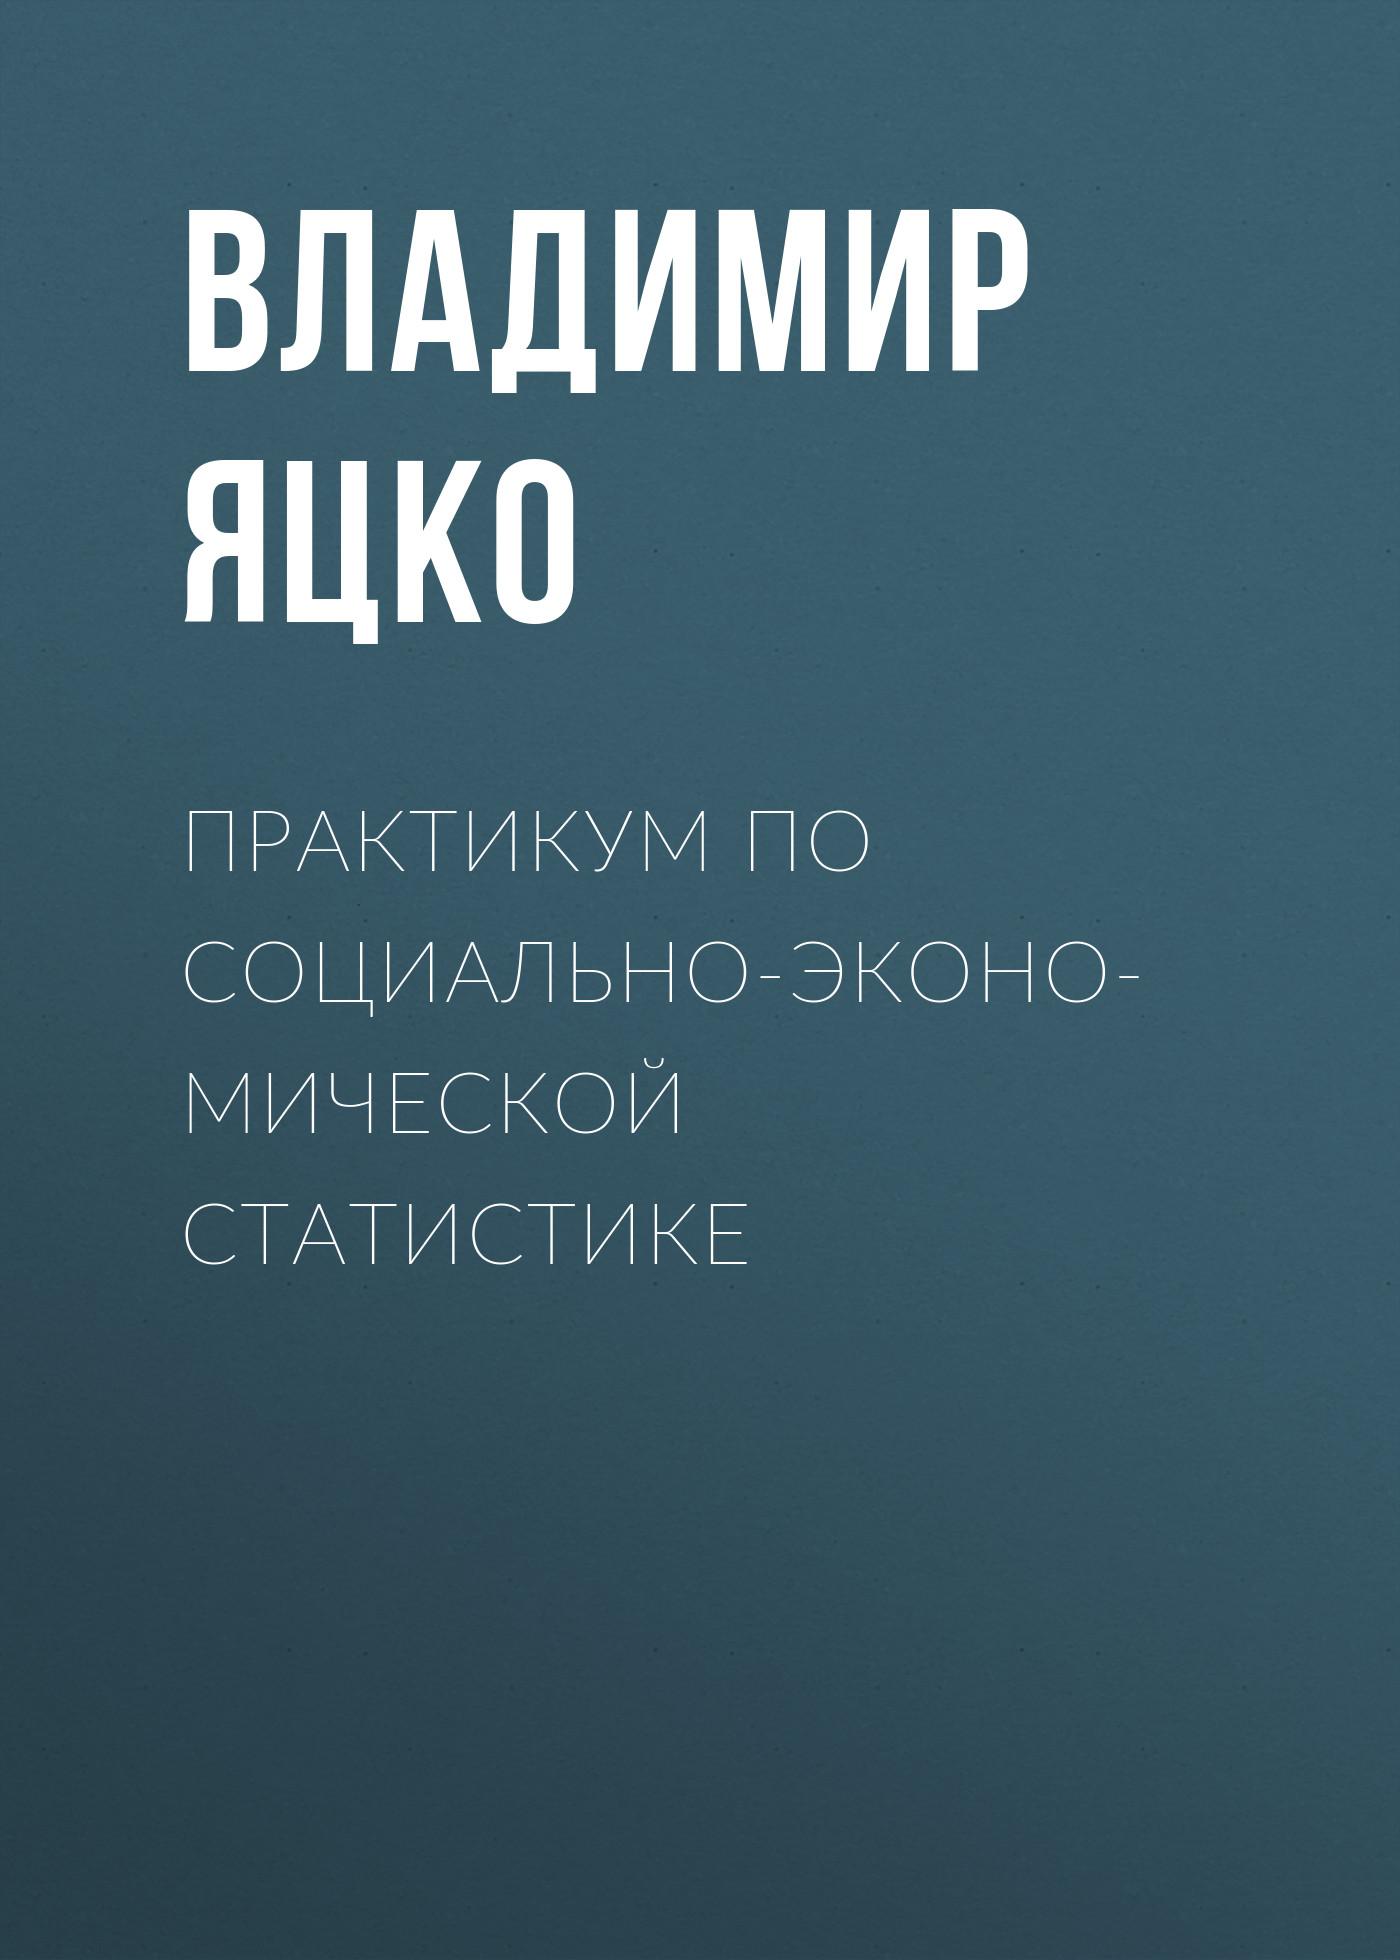 Фото - Владимир Яцко Практикум по социально-экономической статистике ольга шатаева практикум по экономической теории